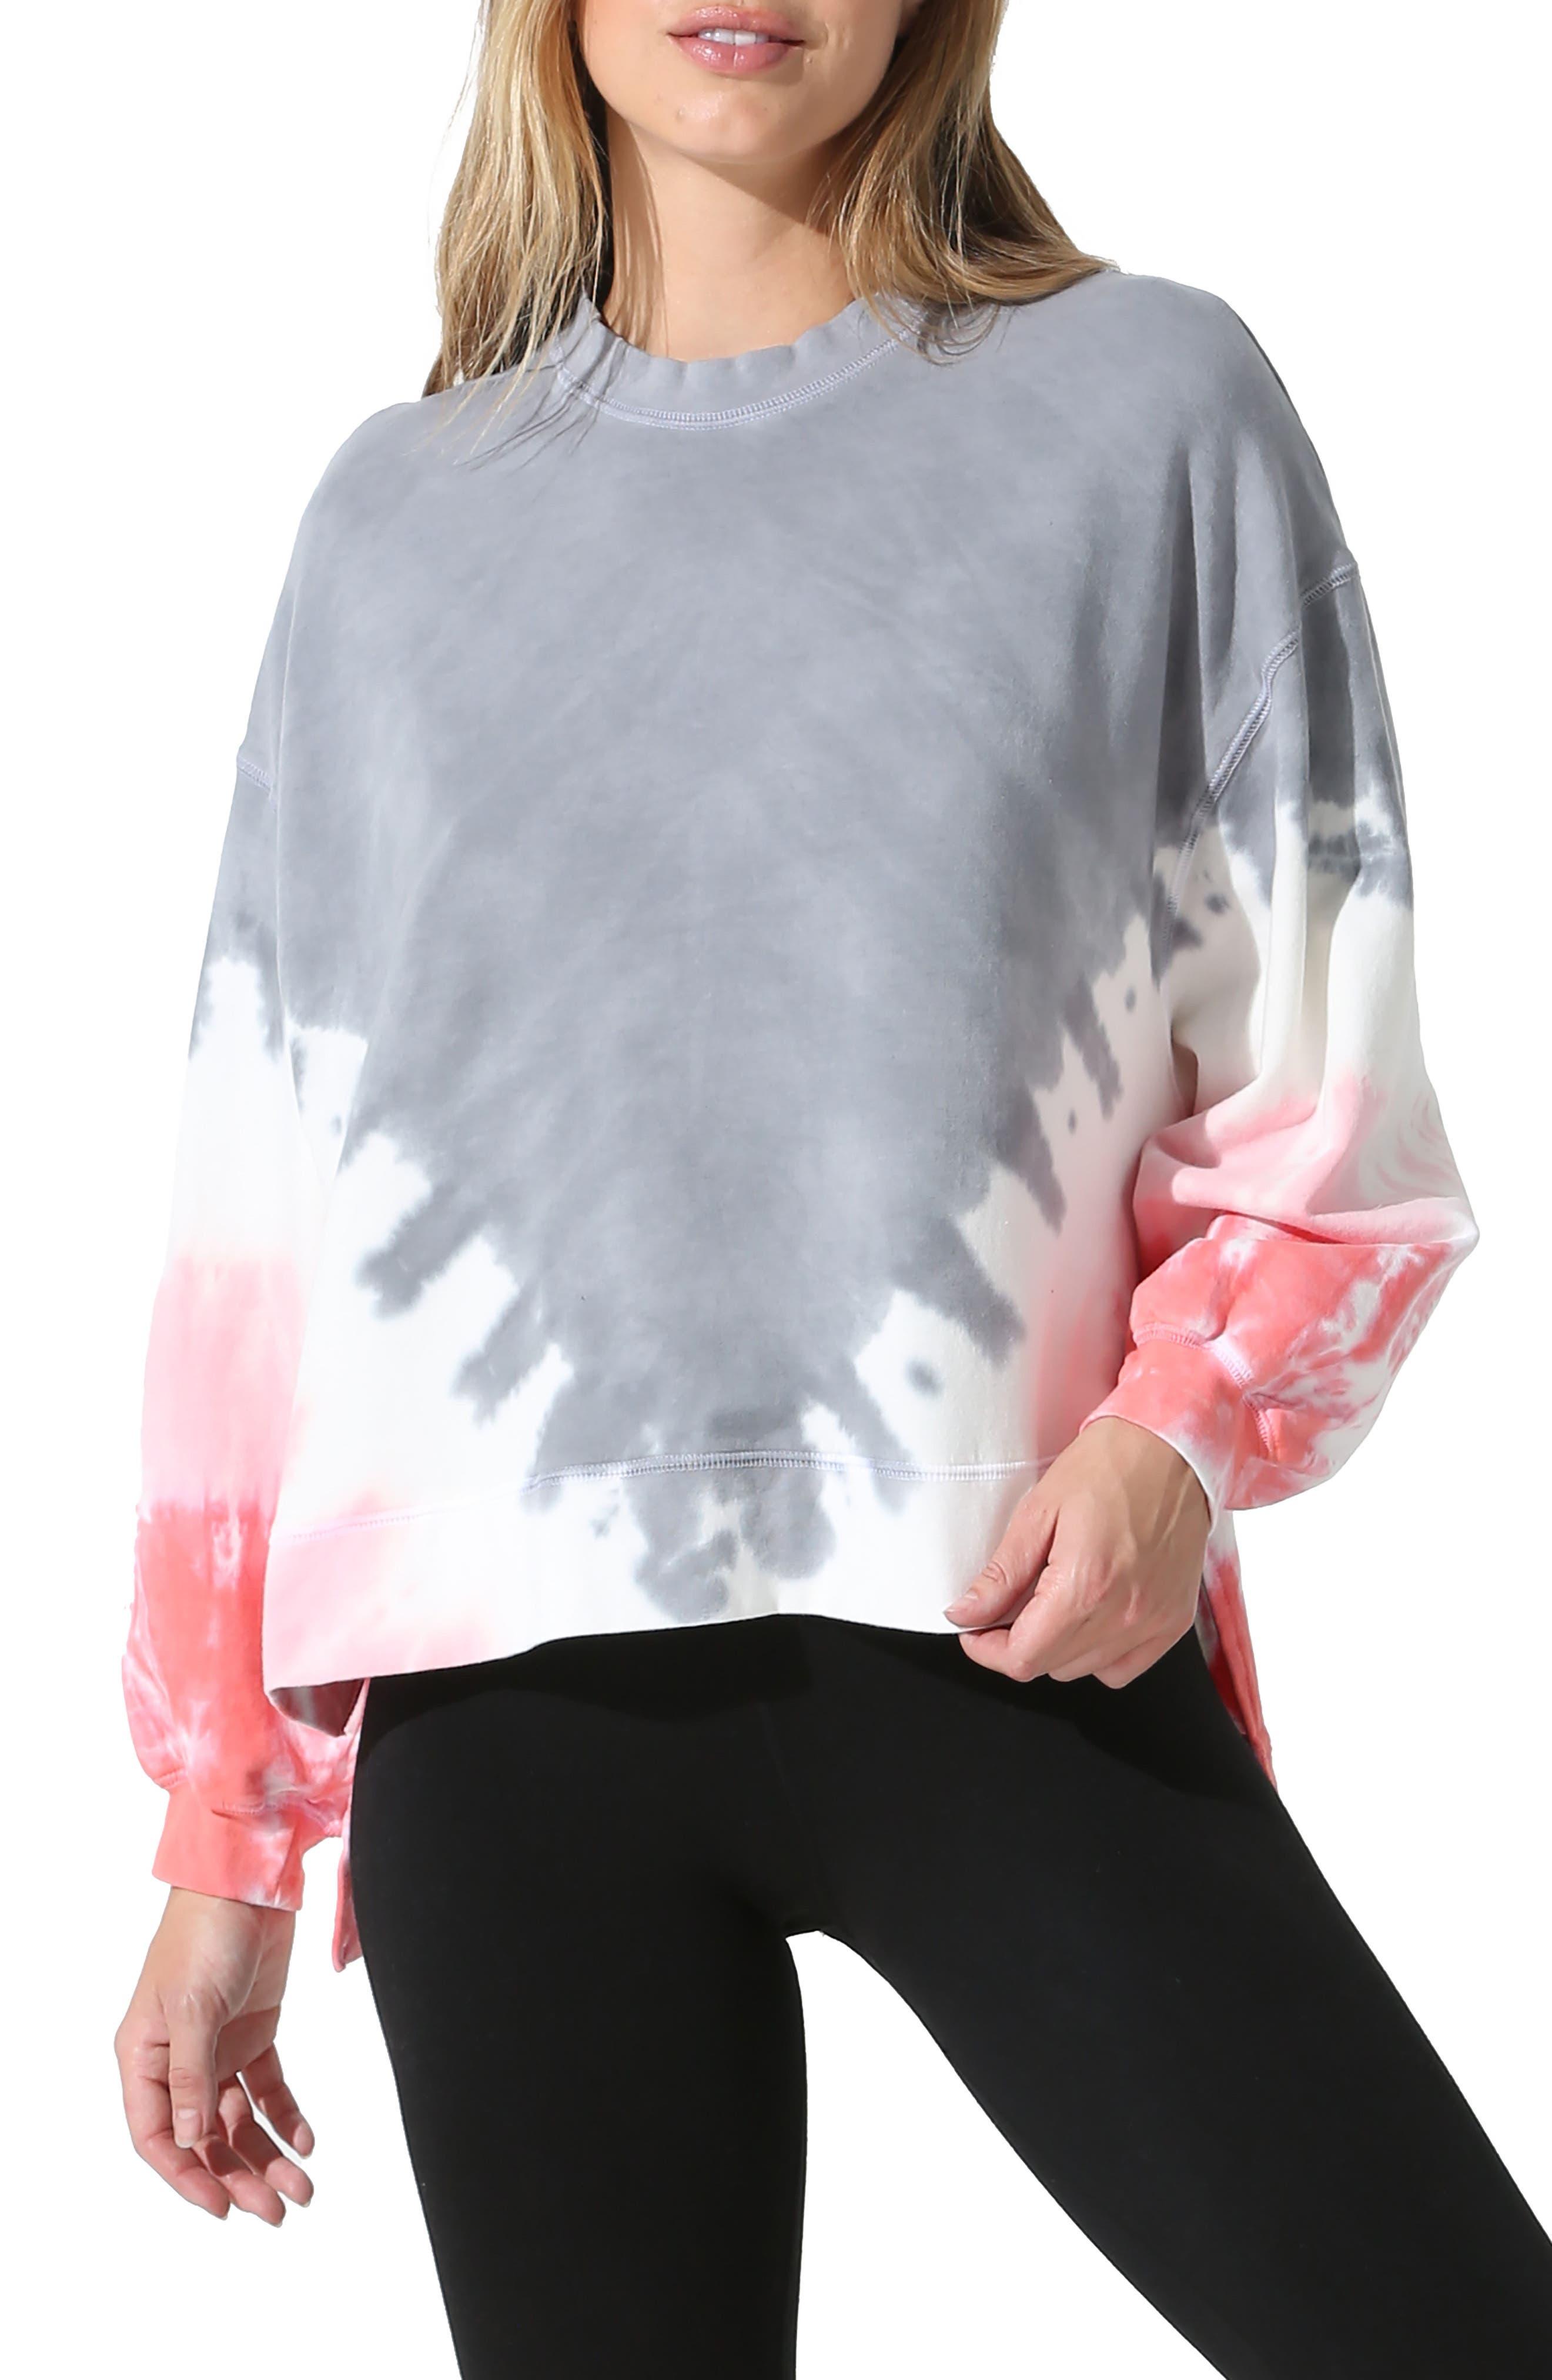 Neil Momentum Tie Dye Sweatshirt